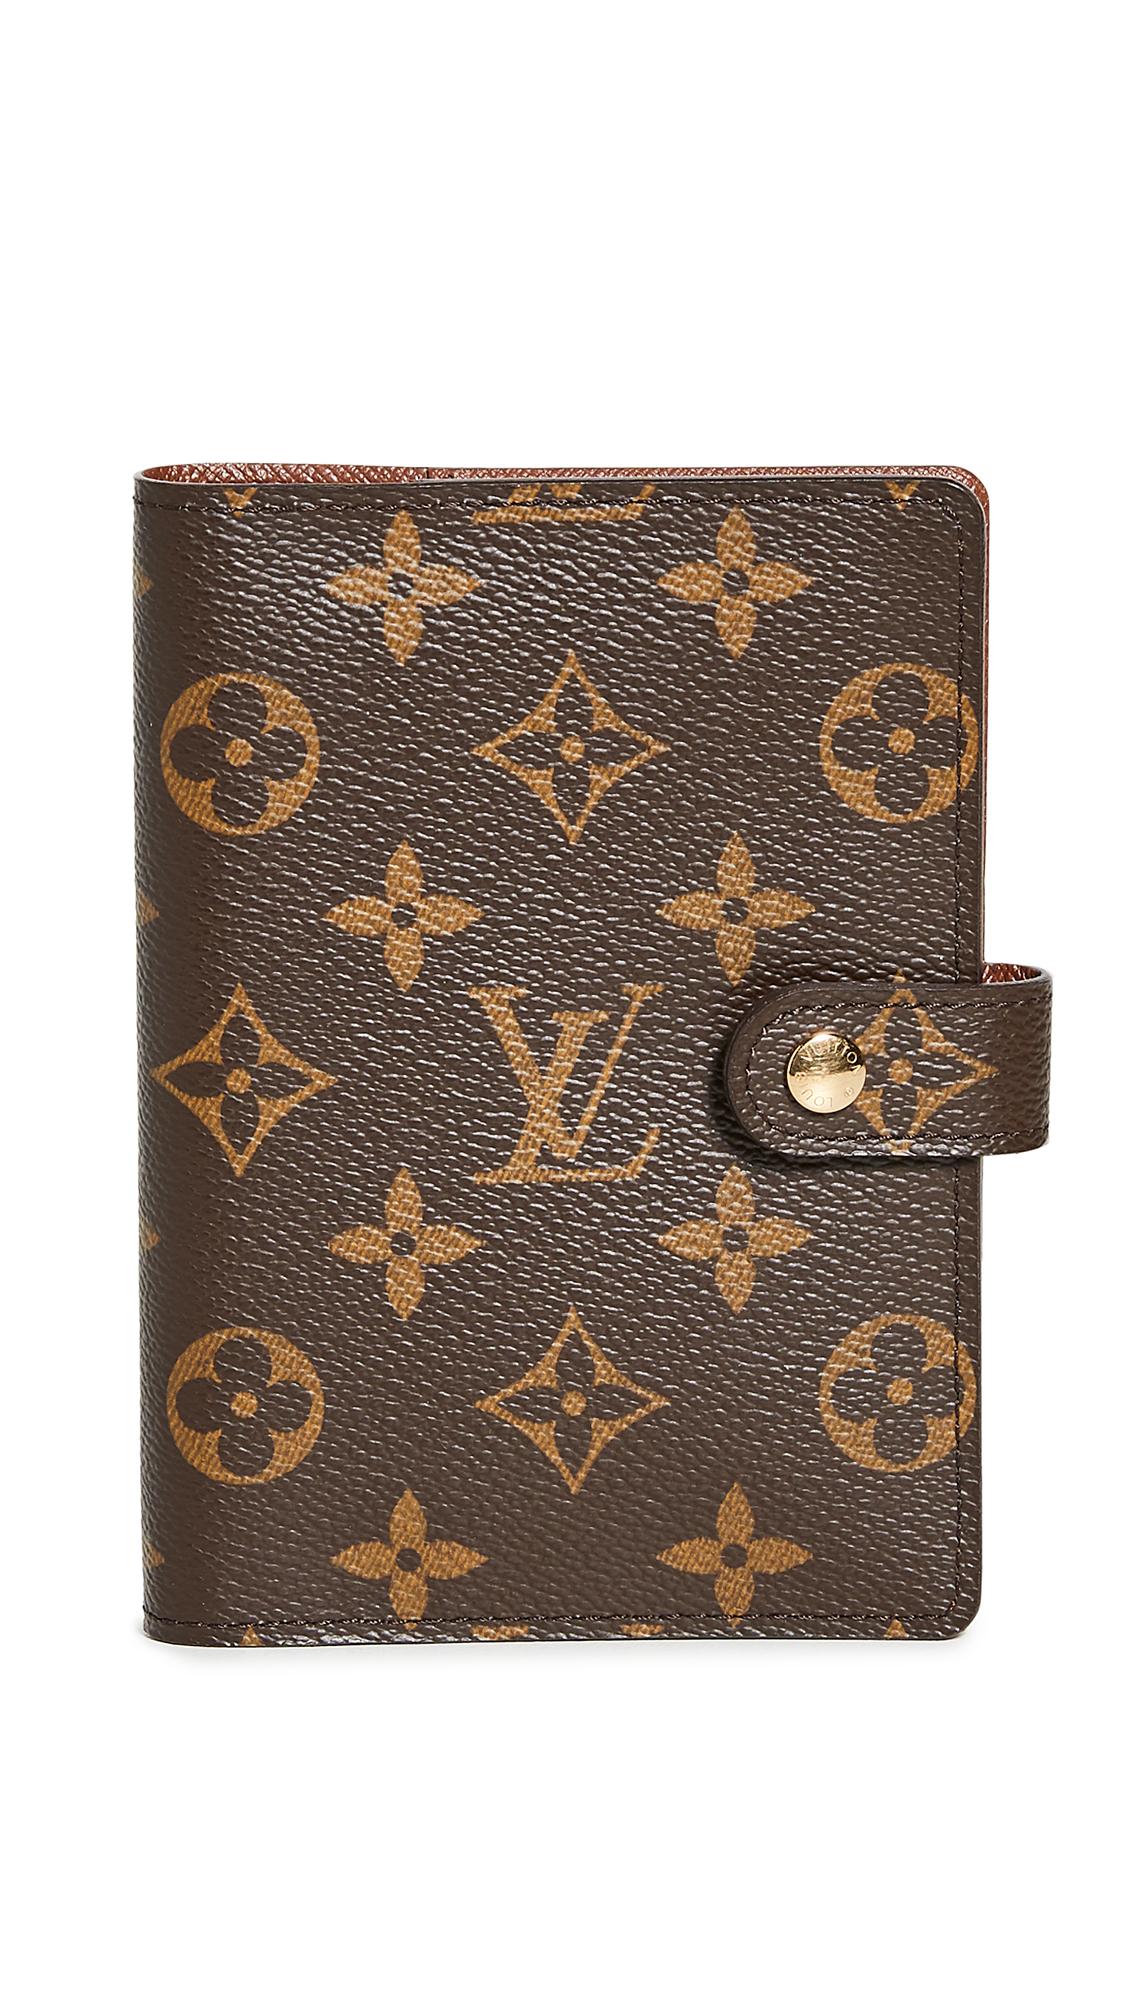 Shopbop Archive Louis Vuitton Agenda Pm Monogram Wallet